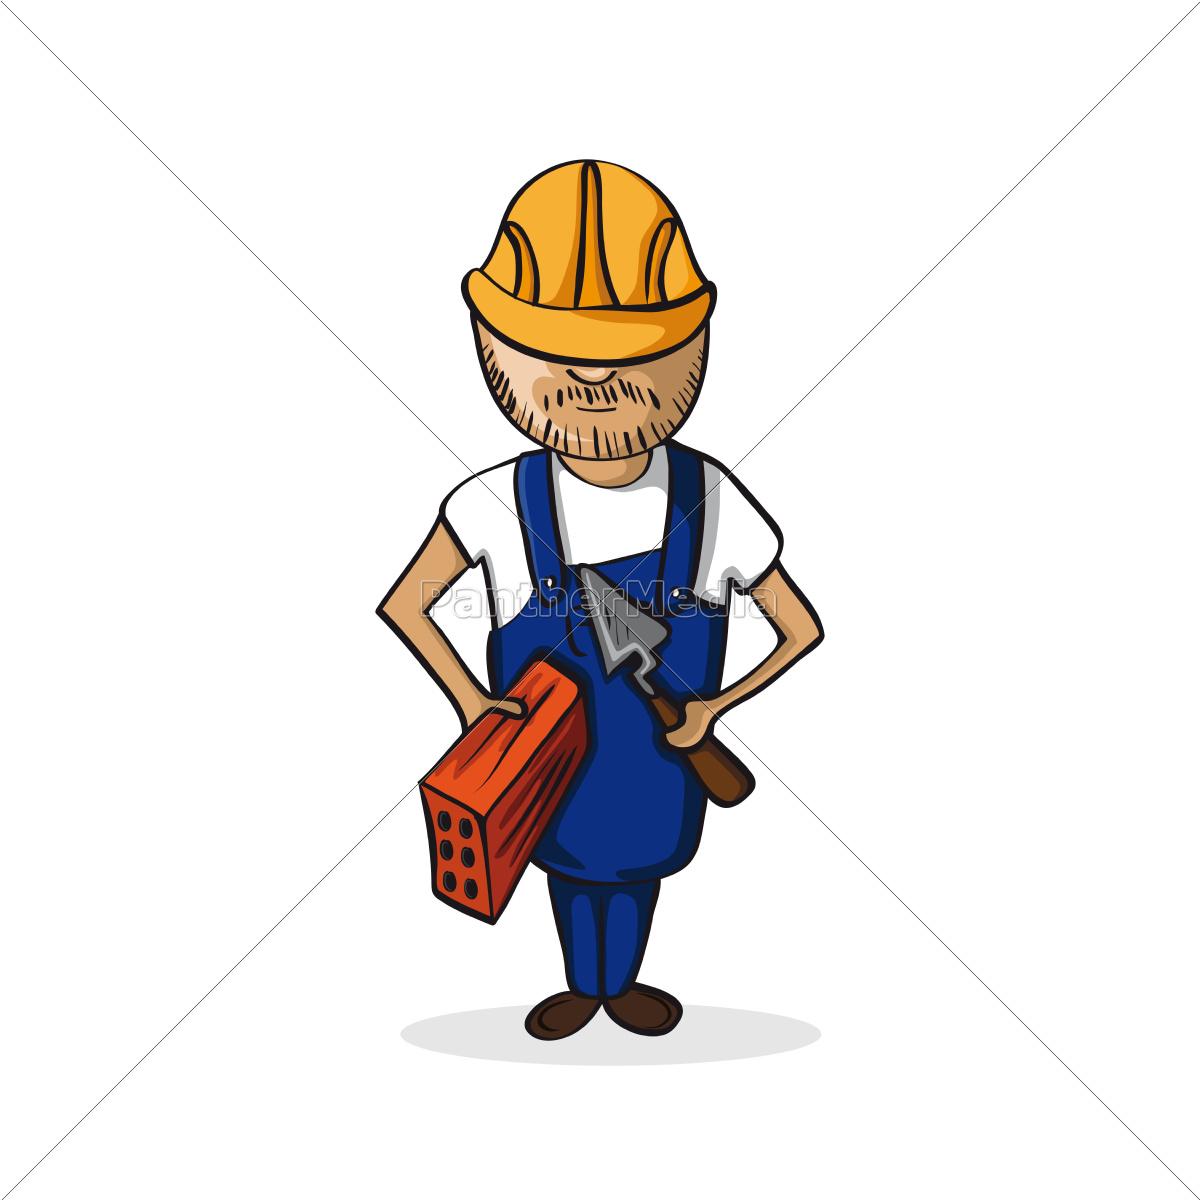 Beruf Bauarbeiter Comic Figur Lizenzfreies Foto 9776592